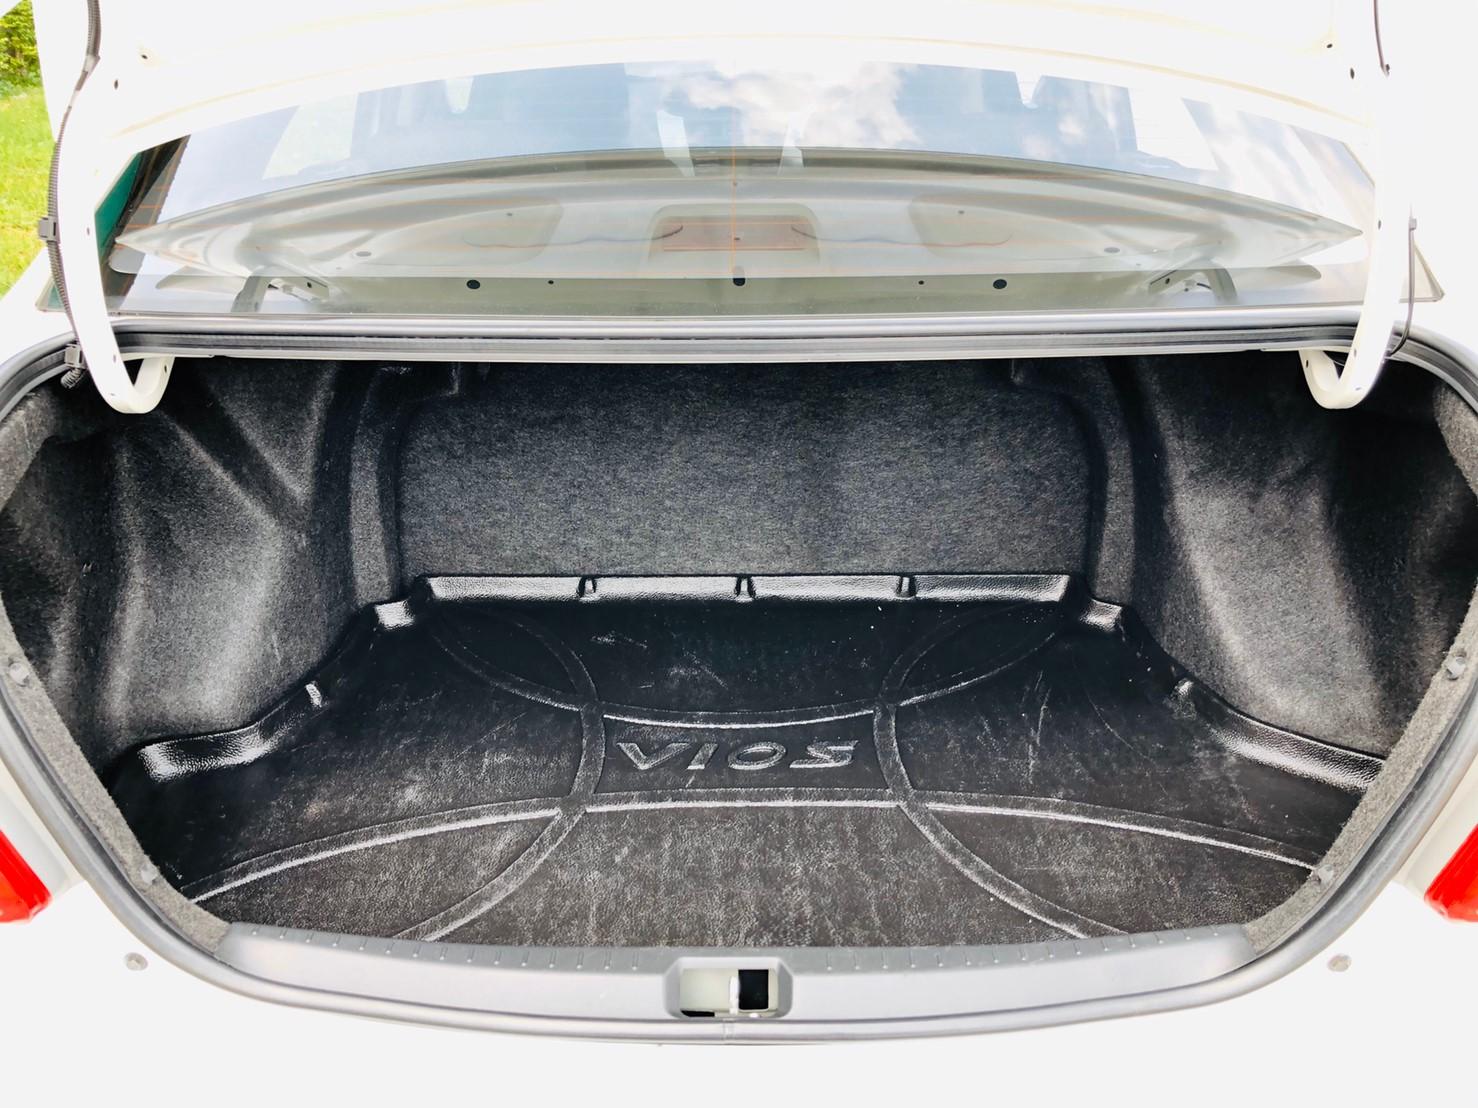 ภาพท้าย โตโยต้า วีออส 1.5 ABS AIRBAG ปี 2011